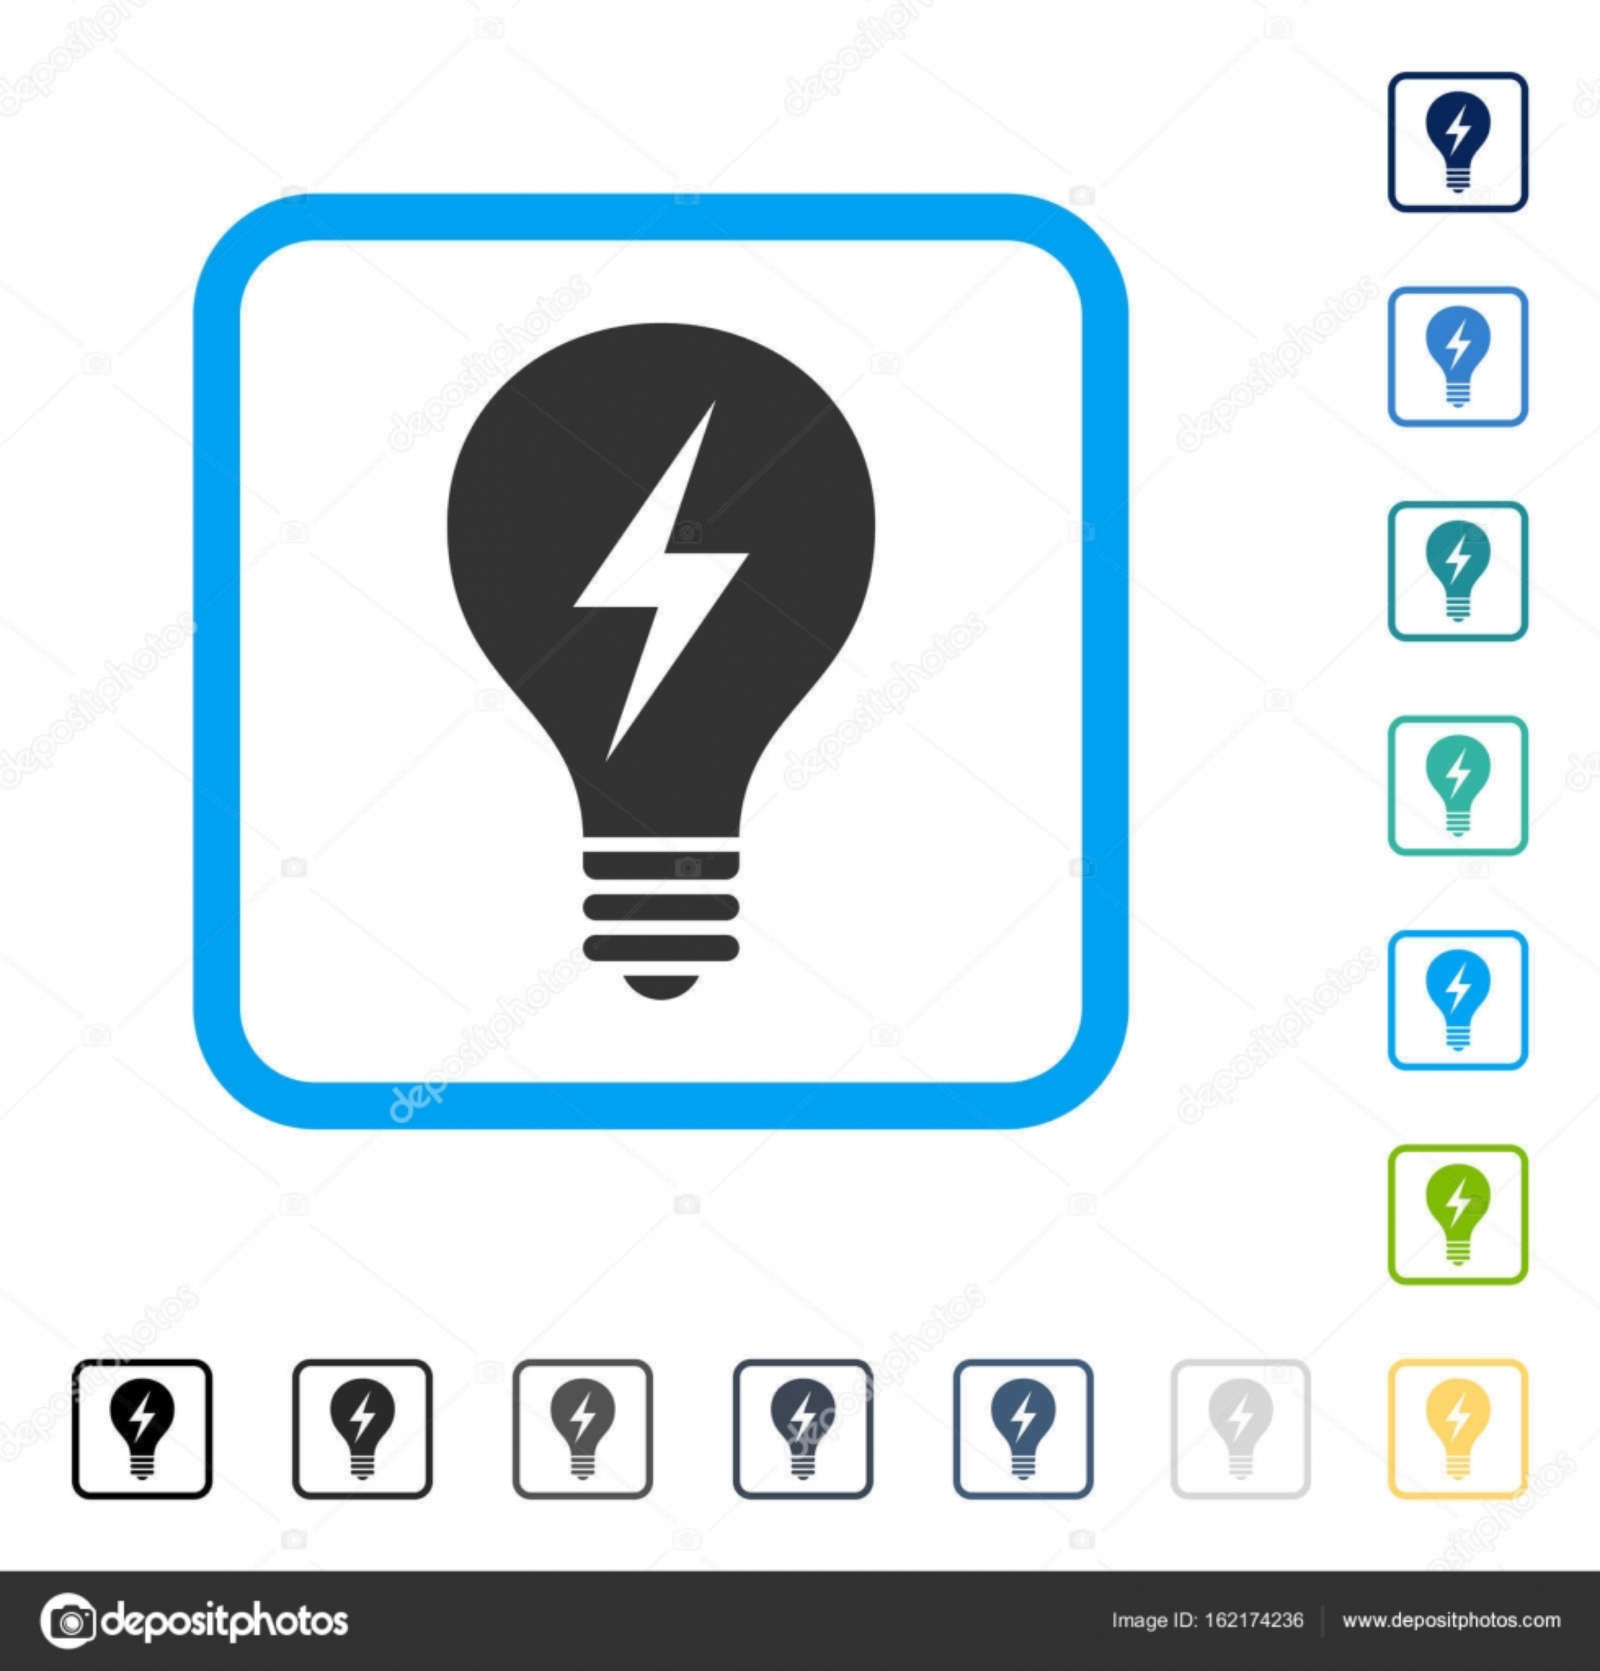 Fein Symbol Für Elektrische Bilder - Der Schaltplan - triangre.info